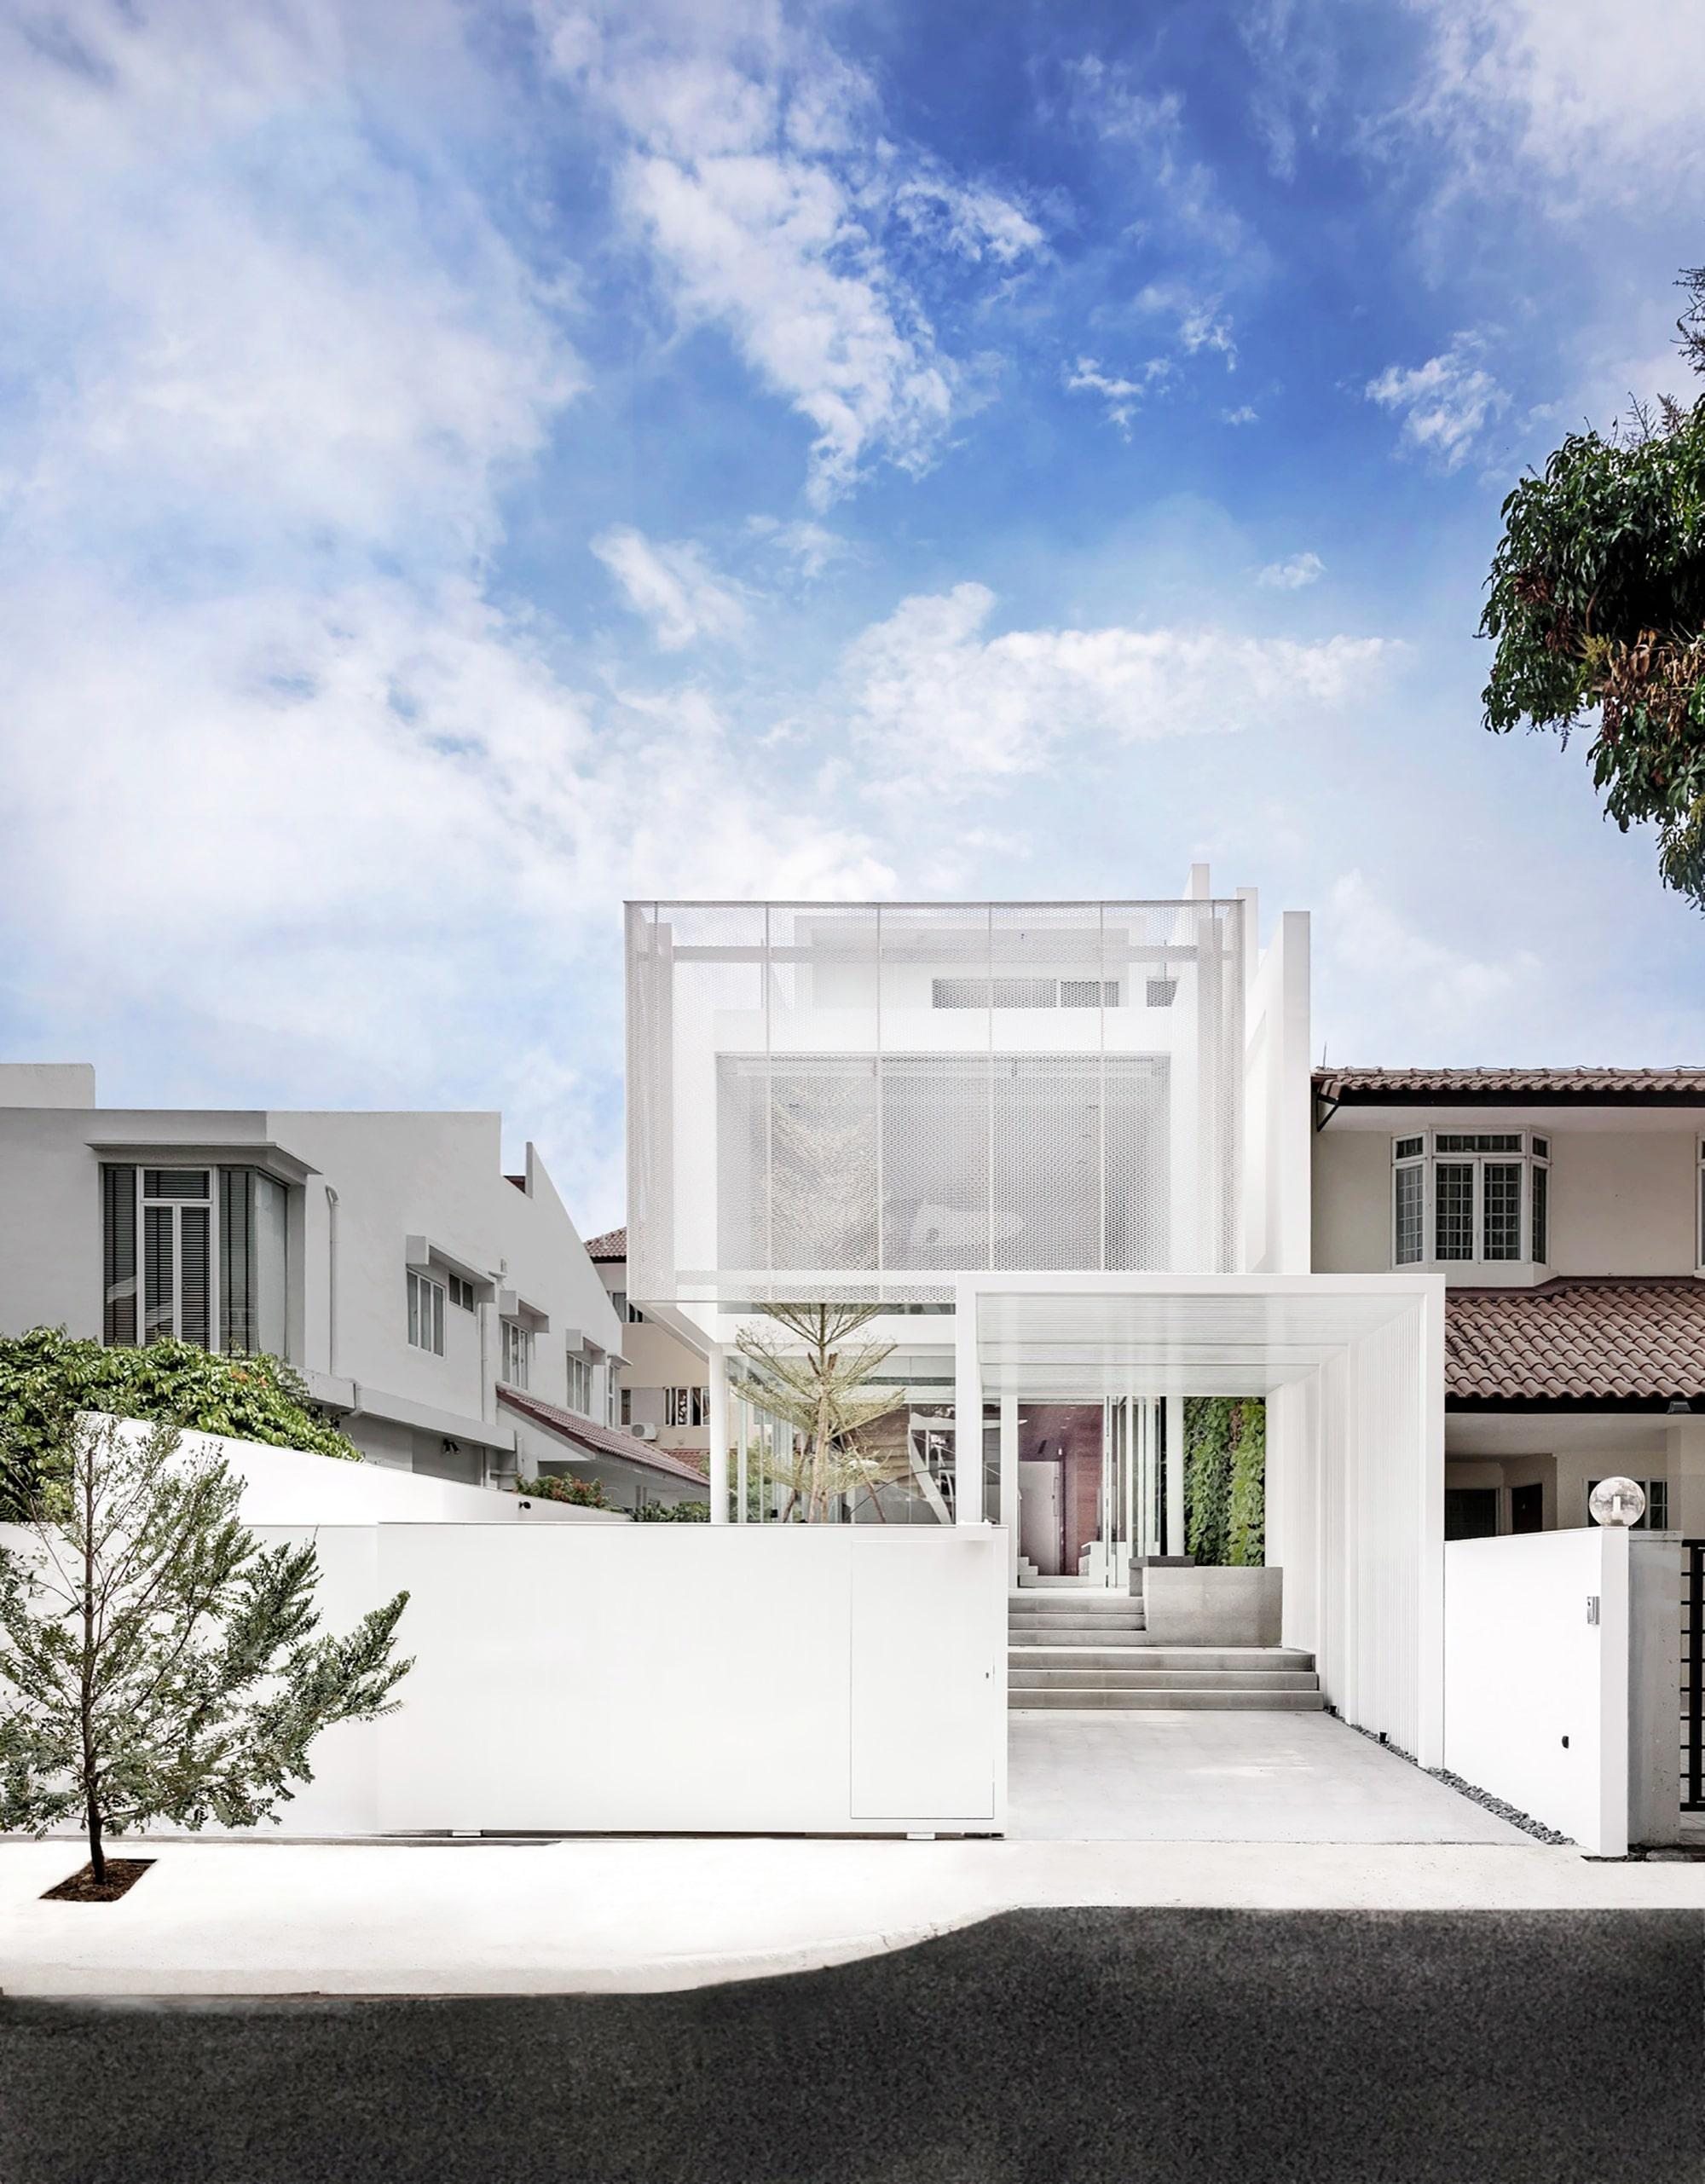 Casa moderna cuatro dormitorios construye hogar for Fachada casa moderna